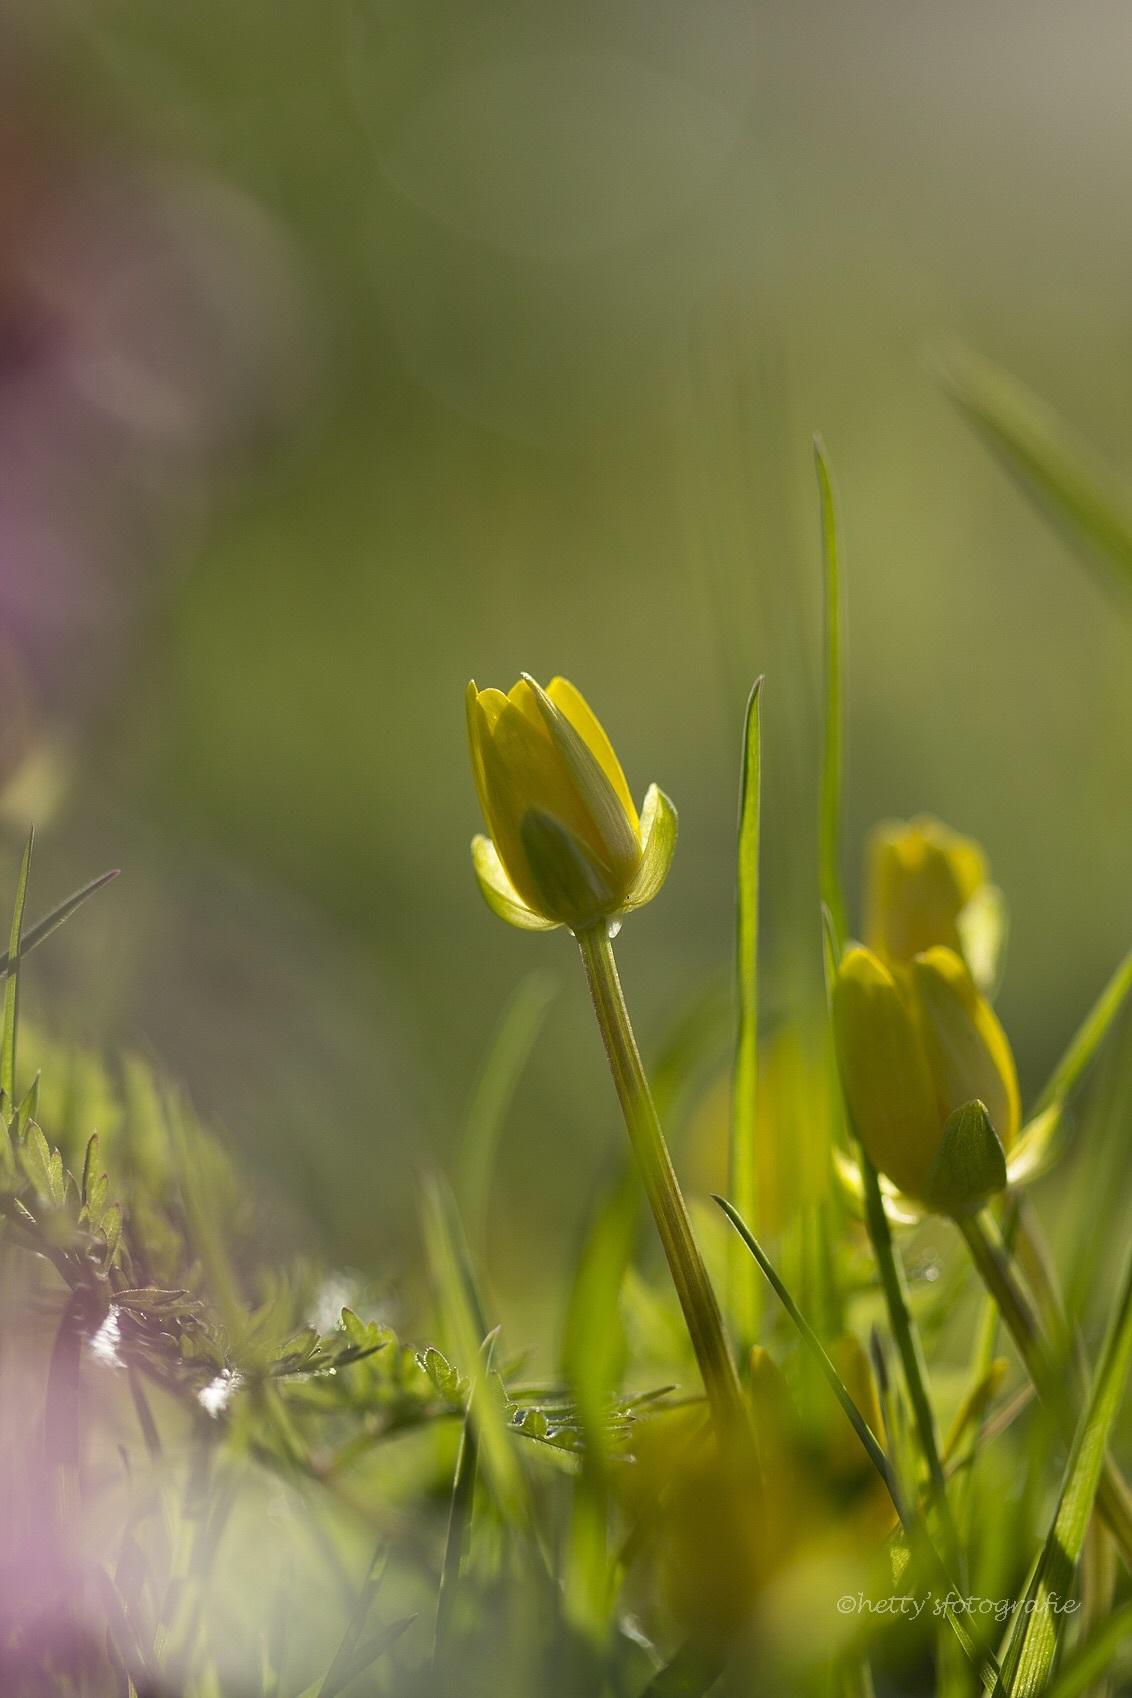 Ik ben.... - - - foto door hettysfotografie op 14-04-2015 - deze foto bevat: bloem, lente, natuur, geel, blad, tegenlicht